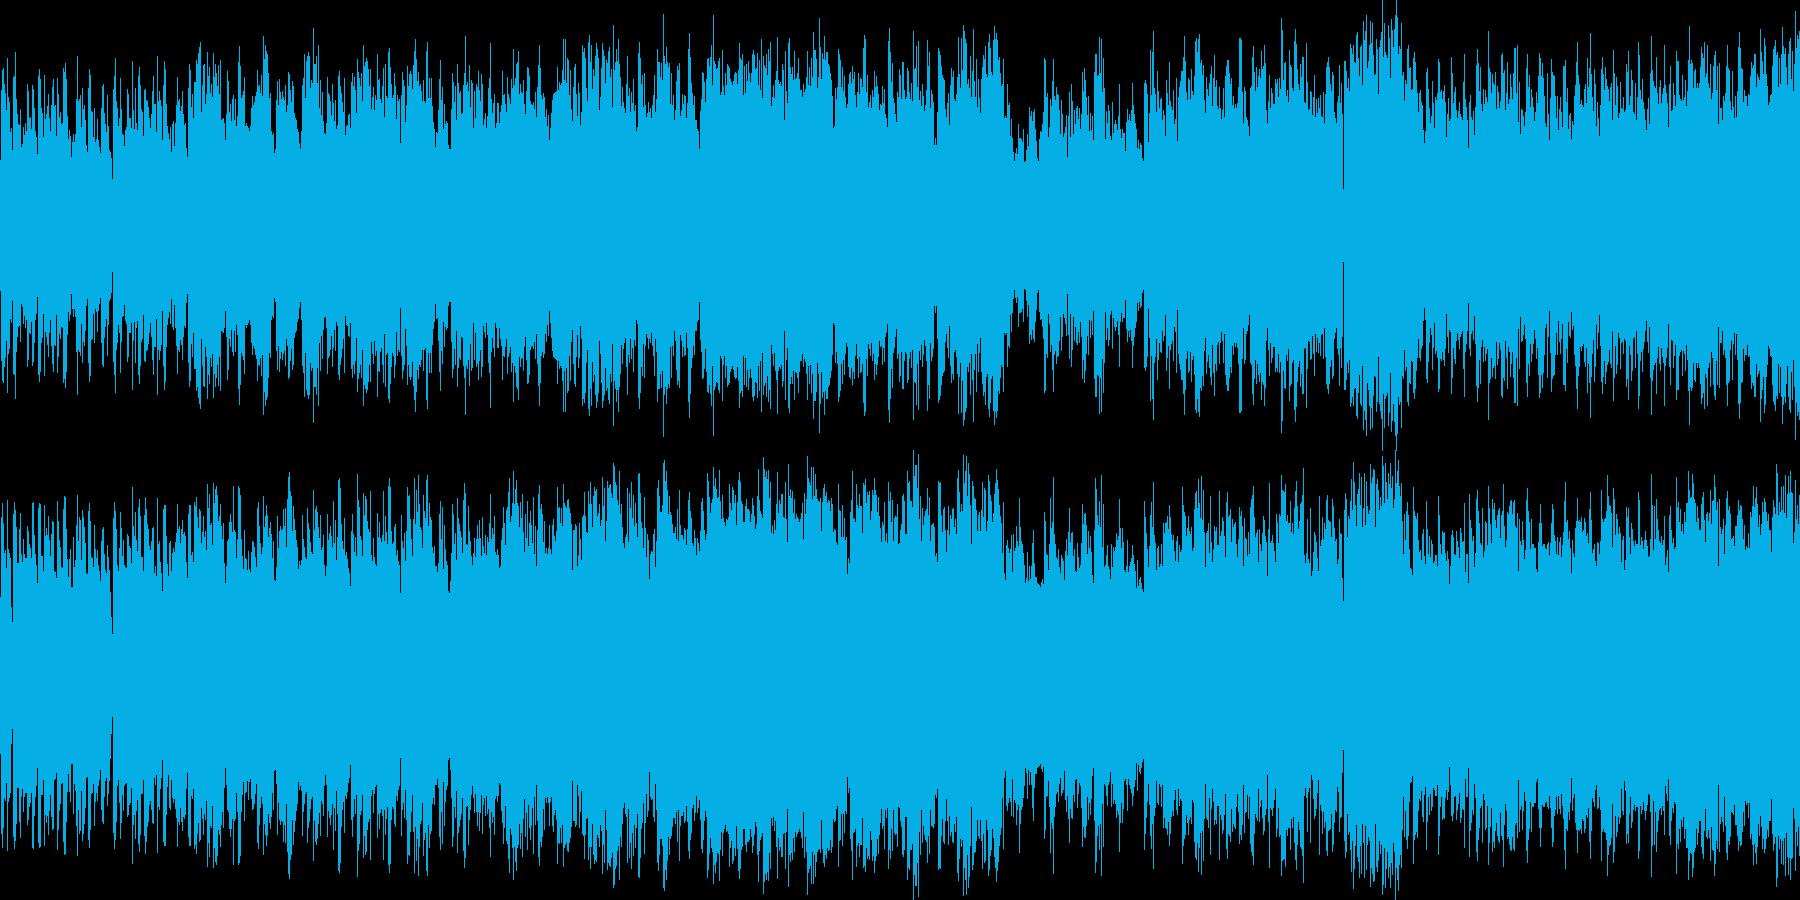 宇宙でのバトルゲームを想定した楽曲です…の再生済みの波形